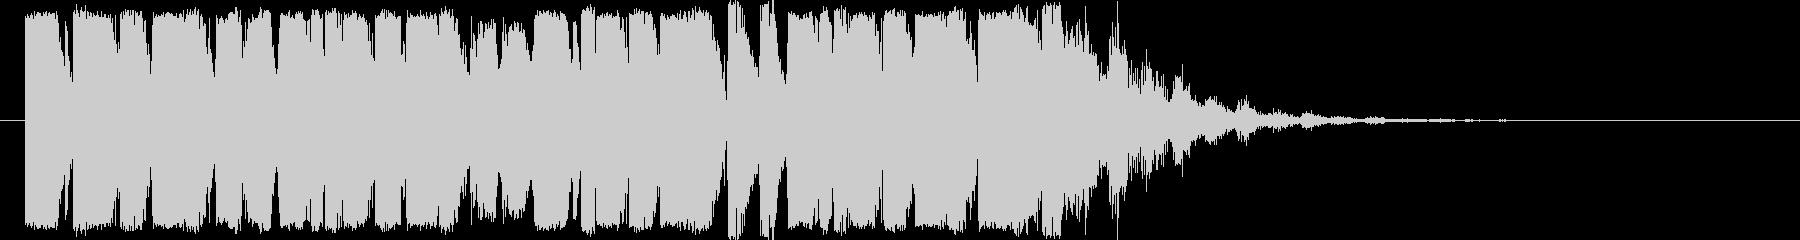 ダブステップのジングル/EDMの未再生の波形